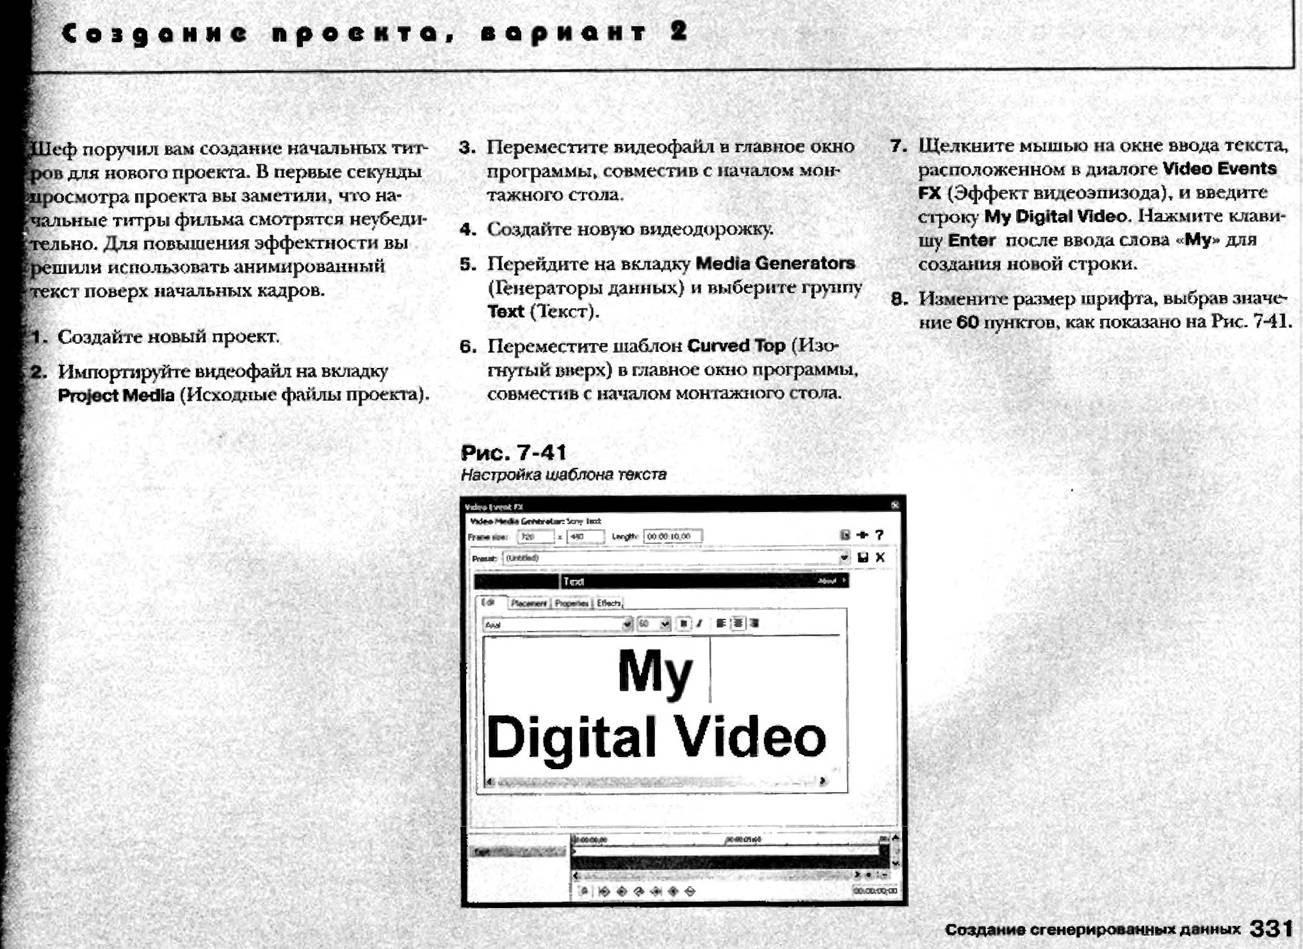 http://redaktori-uroki.3dn.ru/_ph/12/404098120.jpg